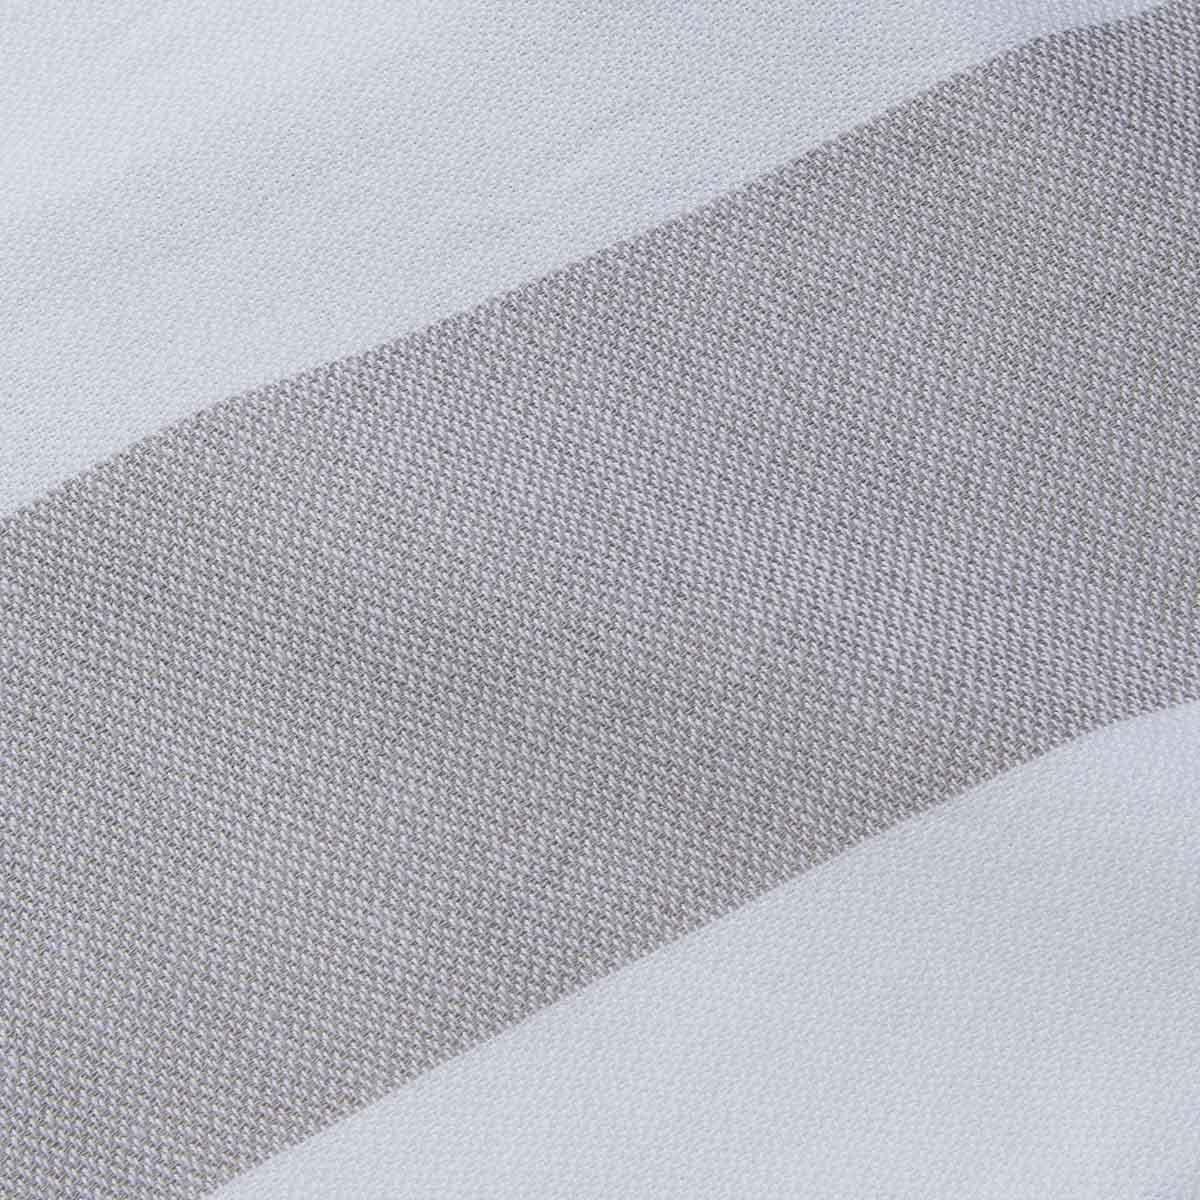 Peshtemal - Tenedos / White - Silver Grey